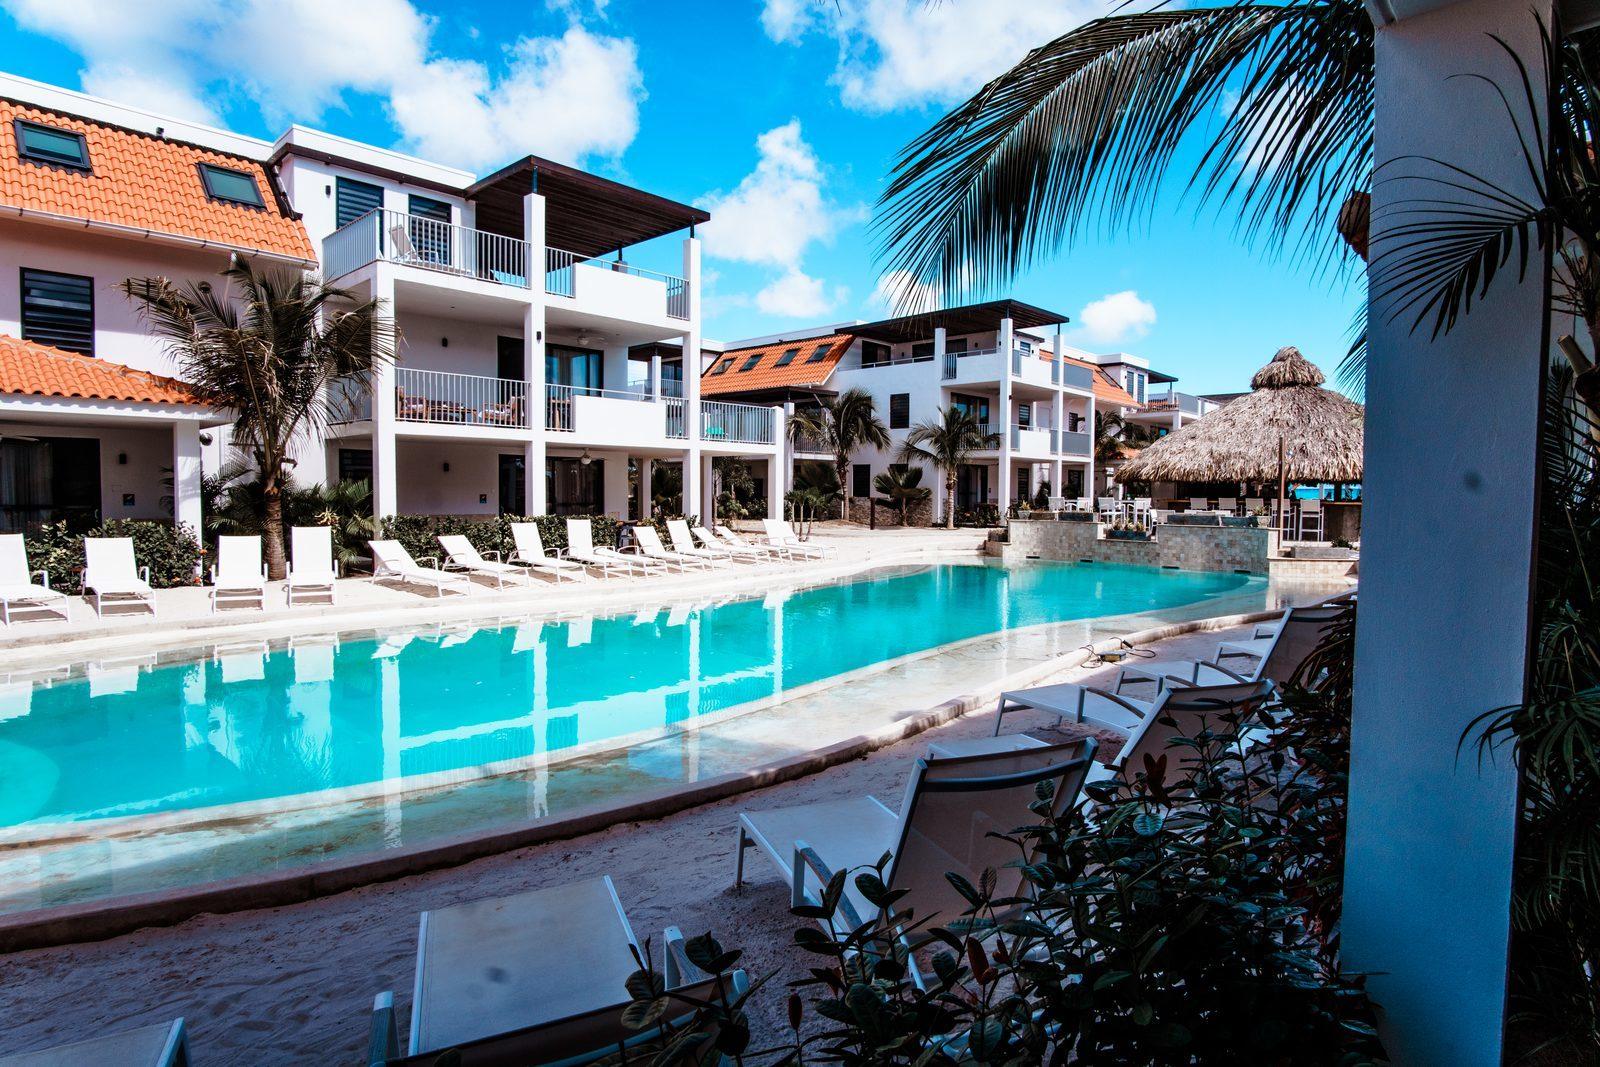 Resort Bonaire est l'un des beaux hôtels de Bonaire. L'hôtel propose, entre autres choses, une belle piscine.